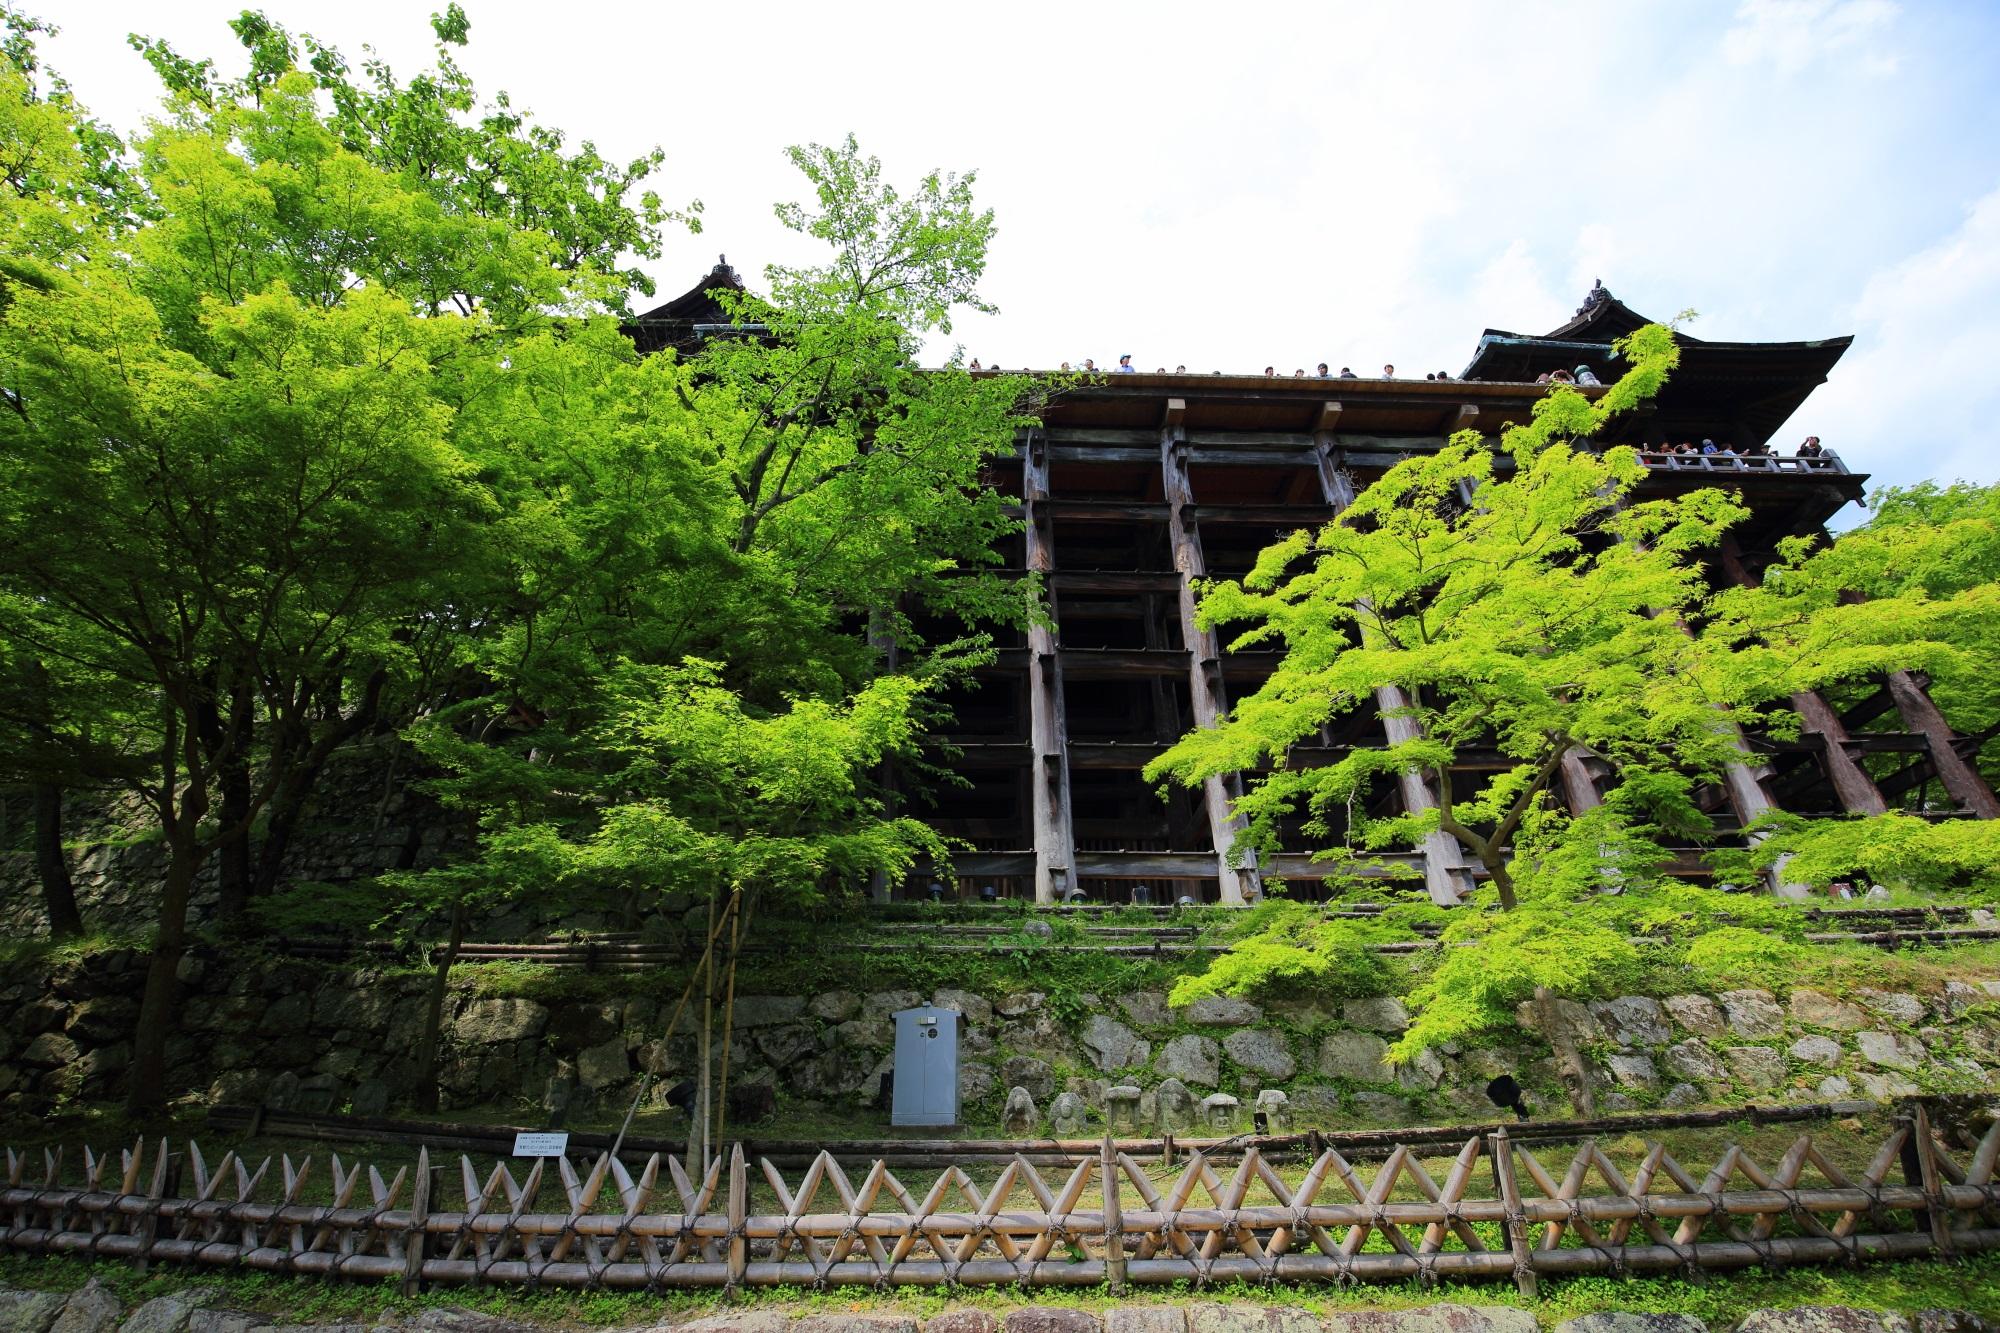 清水寺の下から見上げる本堂と新緑